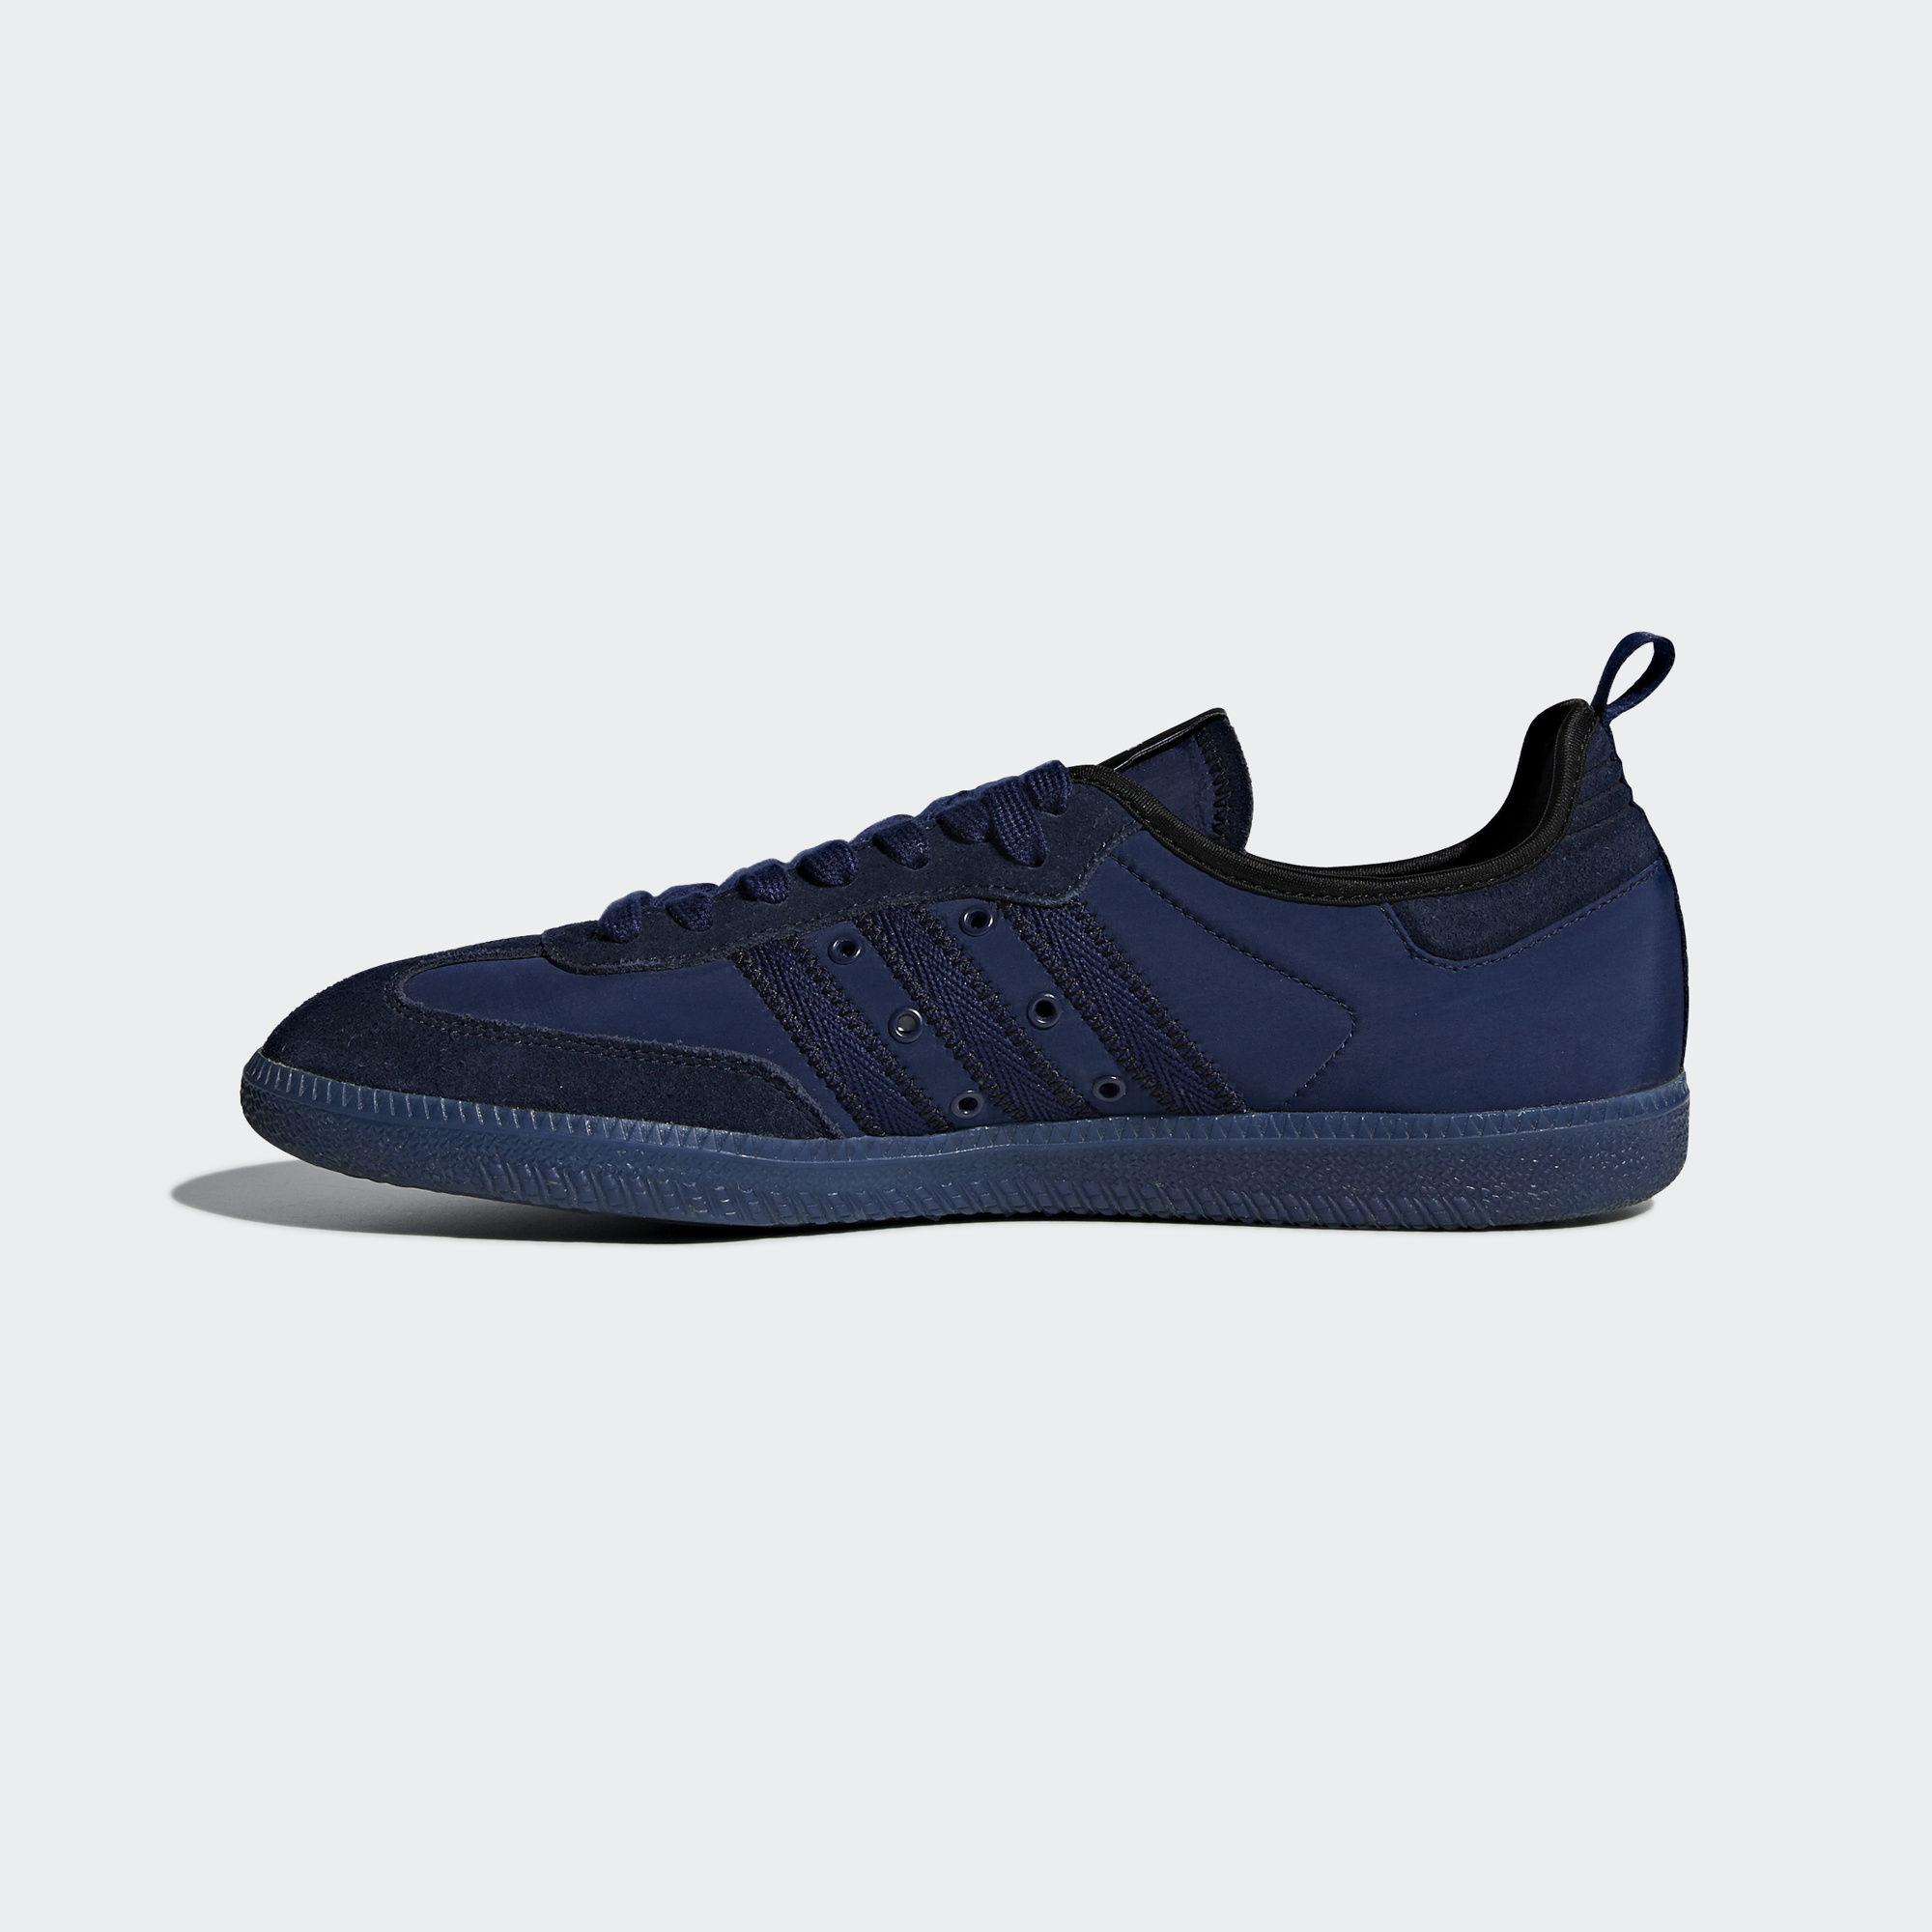 Adidas Samba x C.P. Company Dark Blue Night Sky Dark Purple (CG5957)